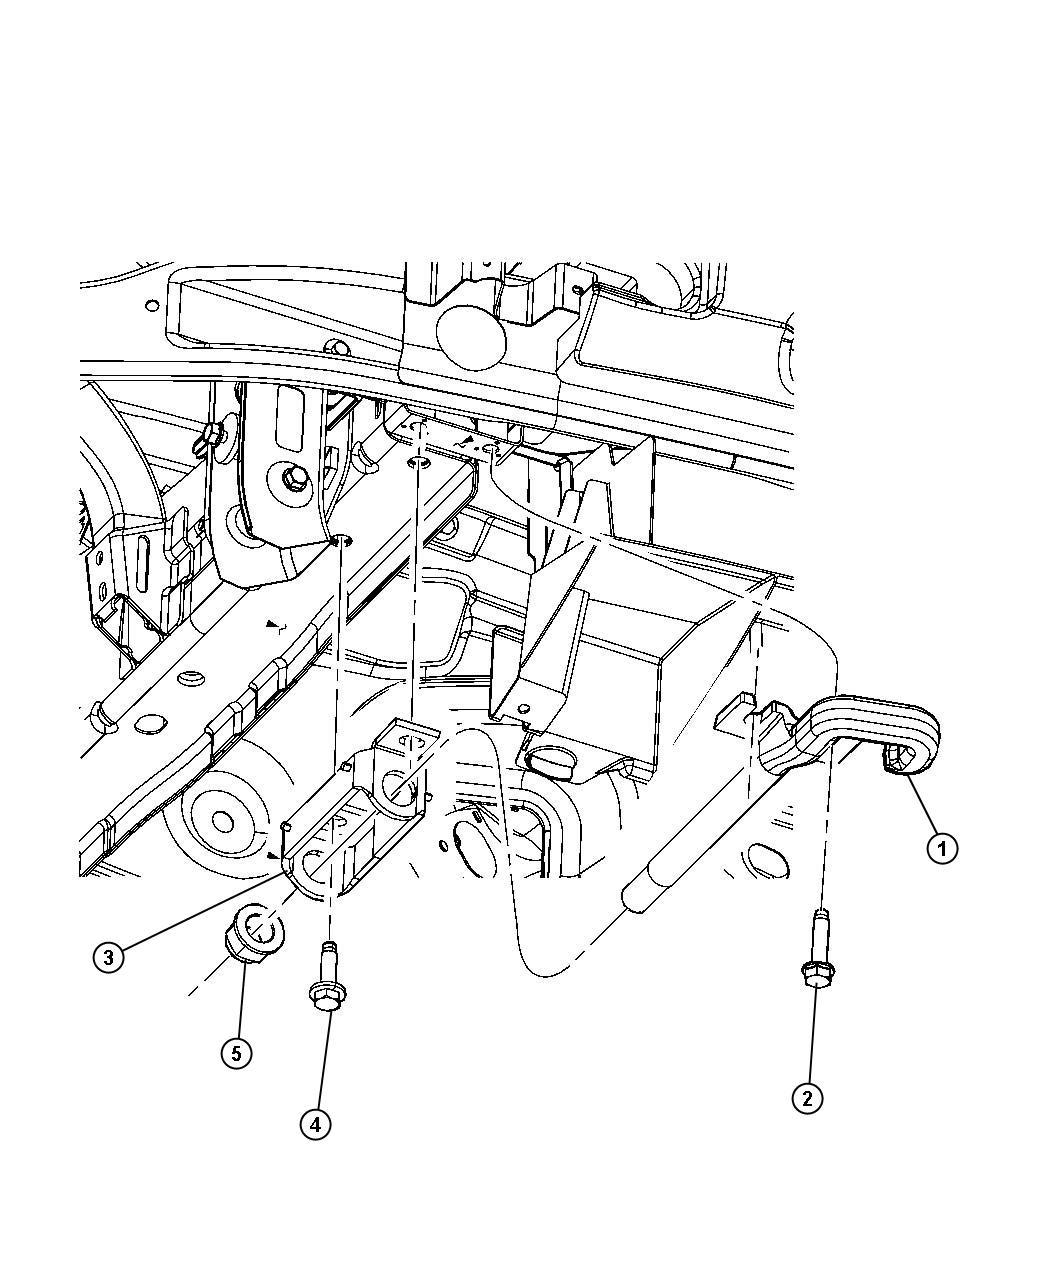 Dodge Magnum R T 4x4 5 7l V8 Hemi Mds Vct 5 Spd